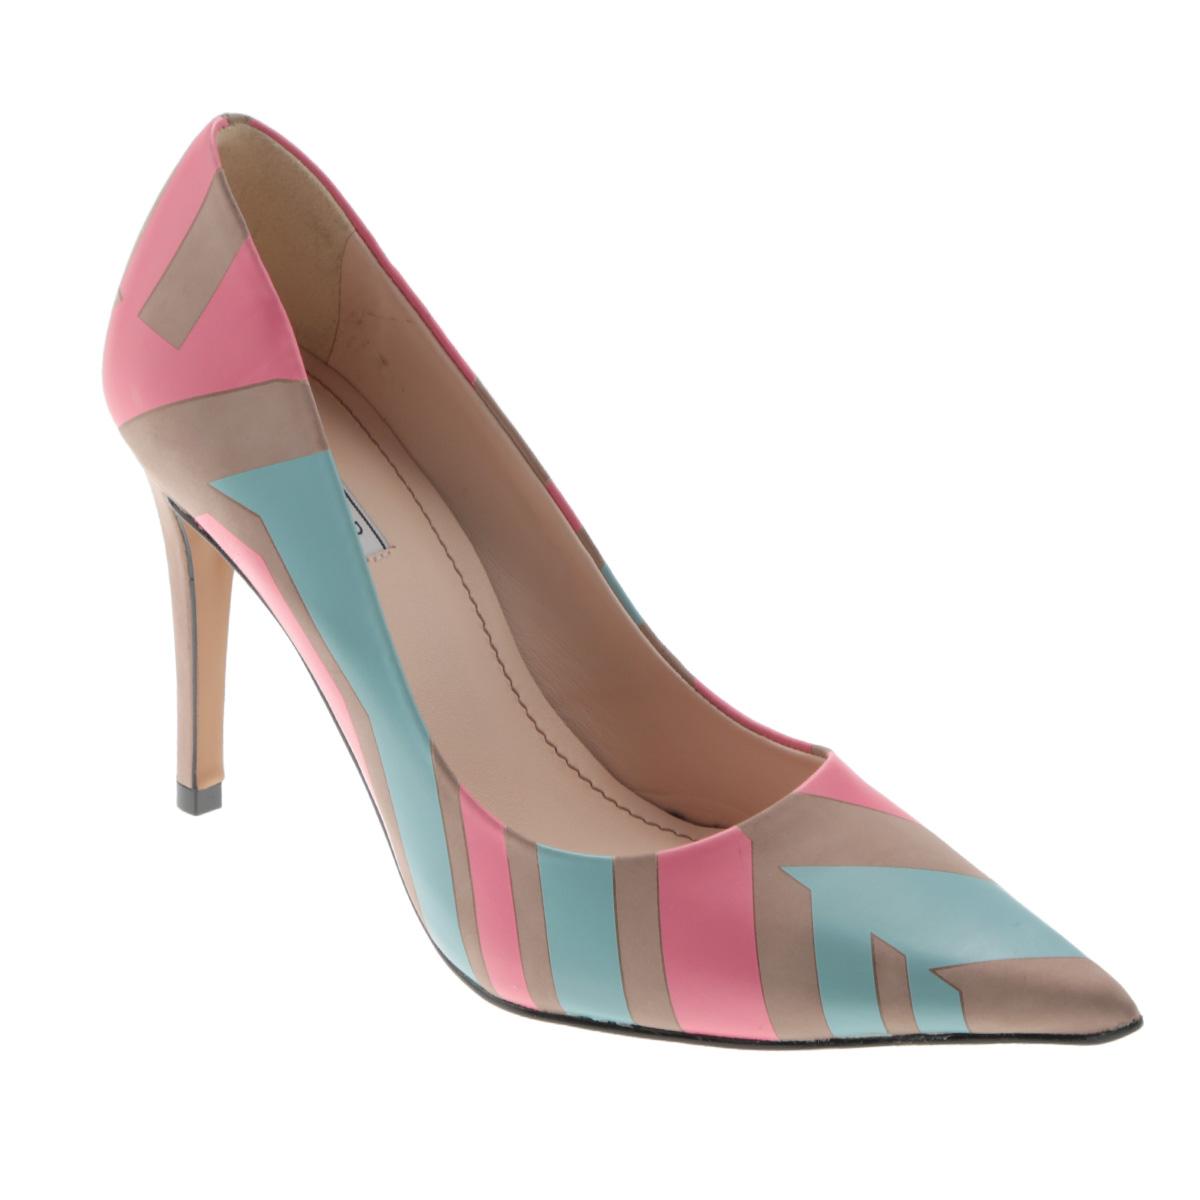 1-41062Яркие женские туфли на шпильке от Werner прекрасно подчеркнут ваш стиль. Верх модели выполнен из натуральной кожи и оформлен оригинальным принтом. Внутренняя часть и стелька из натуральной кожи гарантируют комфорт и удобство при ходьбе. Высокий каблук подчеркнет красоту и стройность ваших ног. Подошва выполнена из прочного полимера с противоскользящим рифлением. Такие туфли станут прекрасным дополнением вашего гардероба. Они сделают вас ярче и подчеркнут вашу индивидуальность!